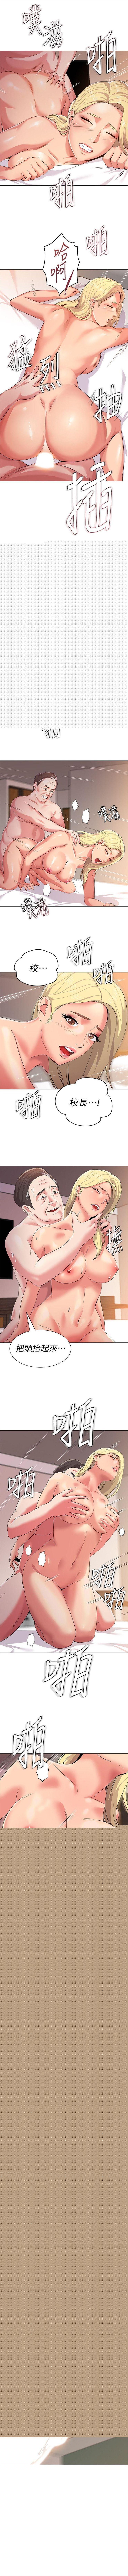 老師 1-80 官方中文(連載中) 94